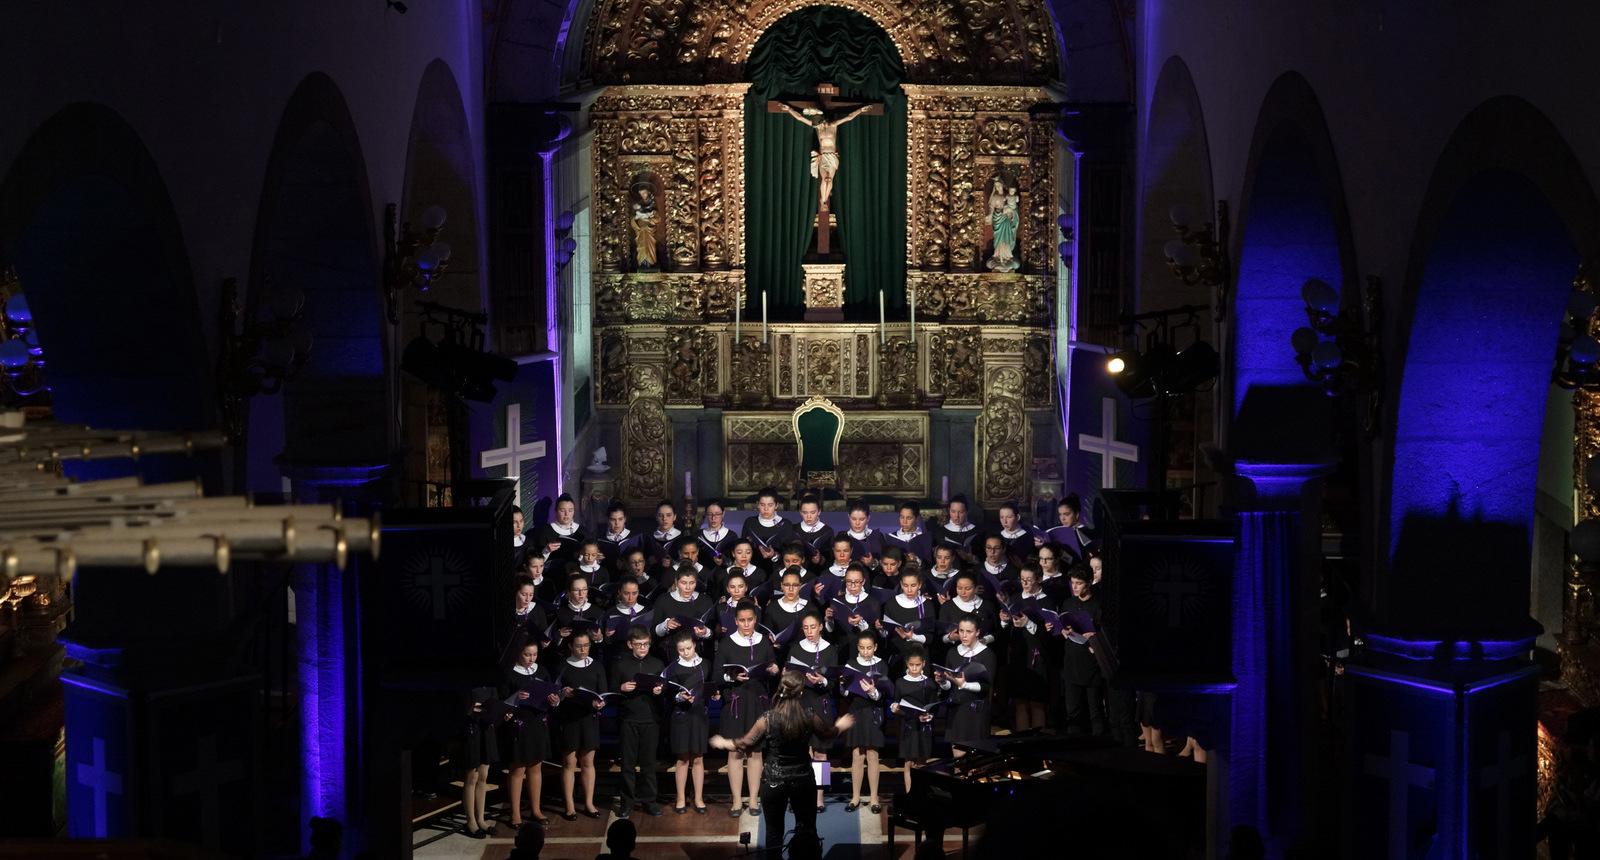 Concertos enriquecem programação da  Semana Santa de Esposende